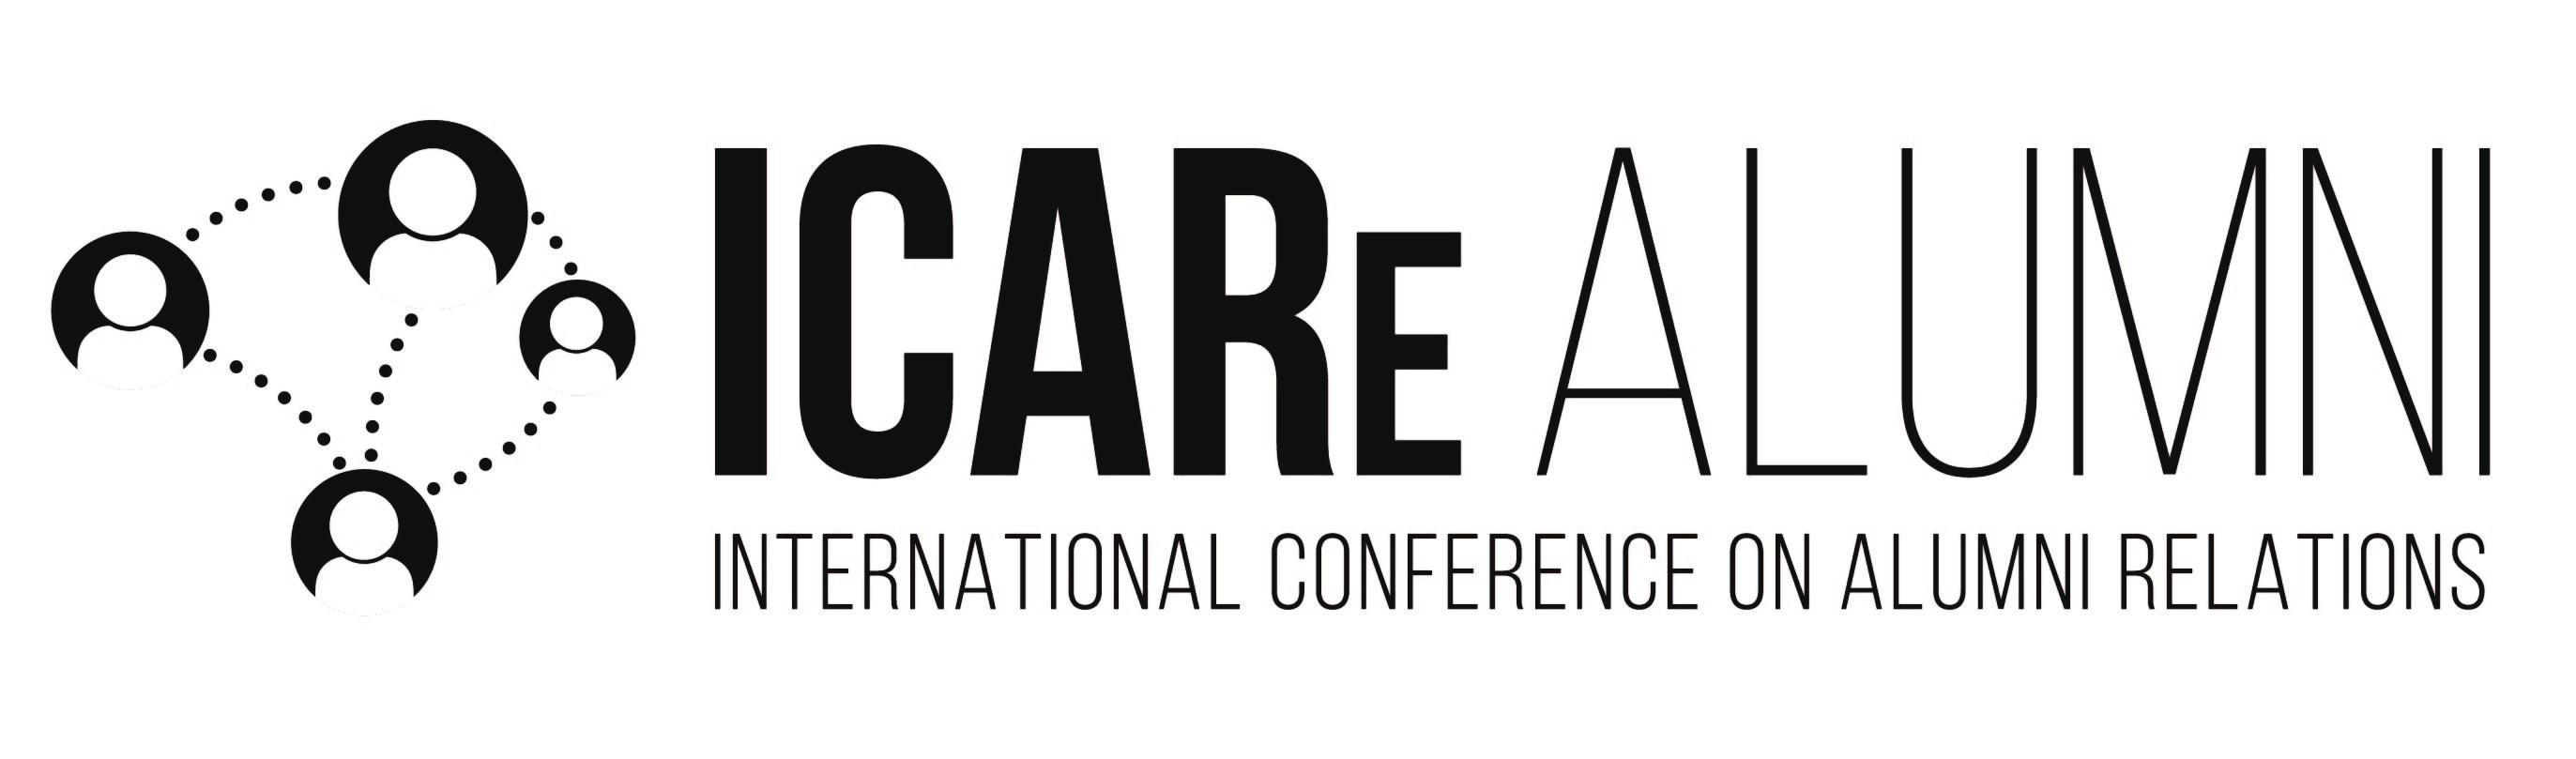 ICAReAlumni Conference Proceedings